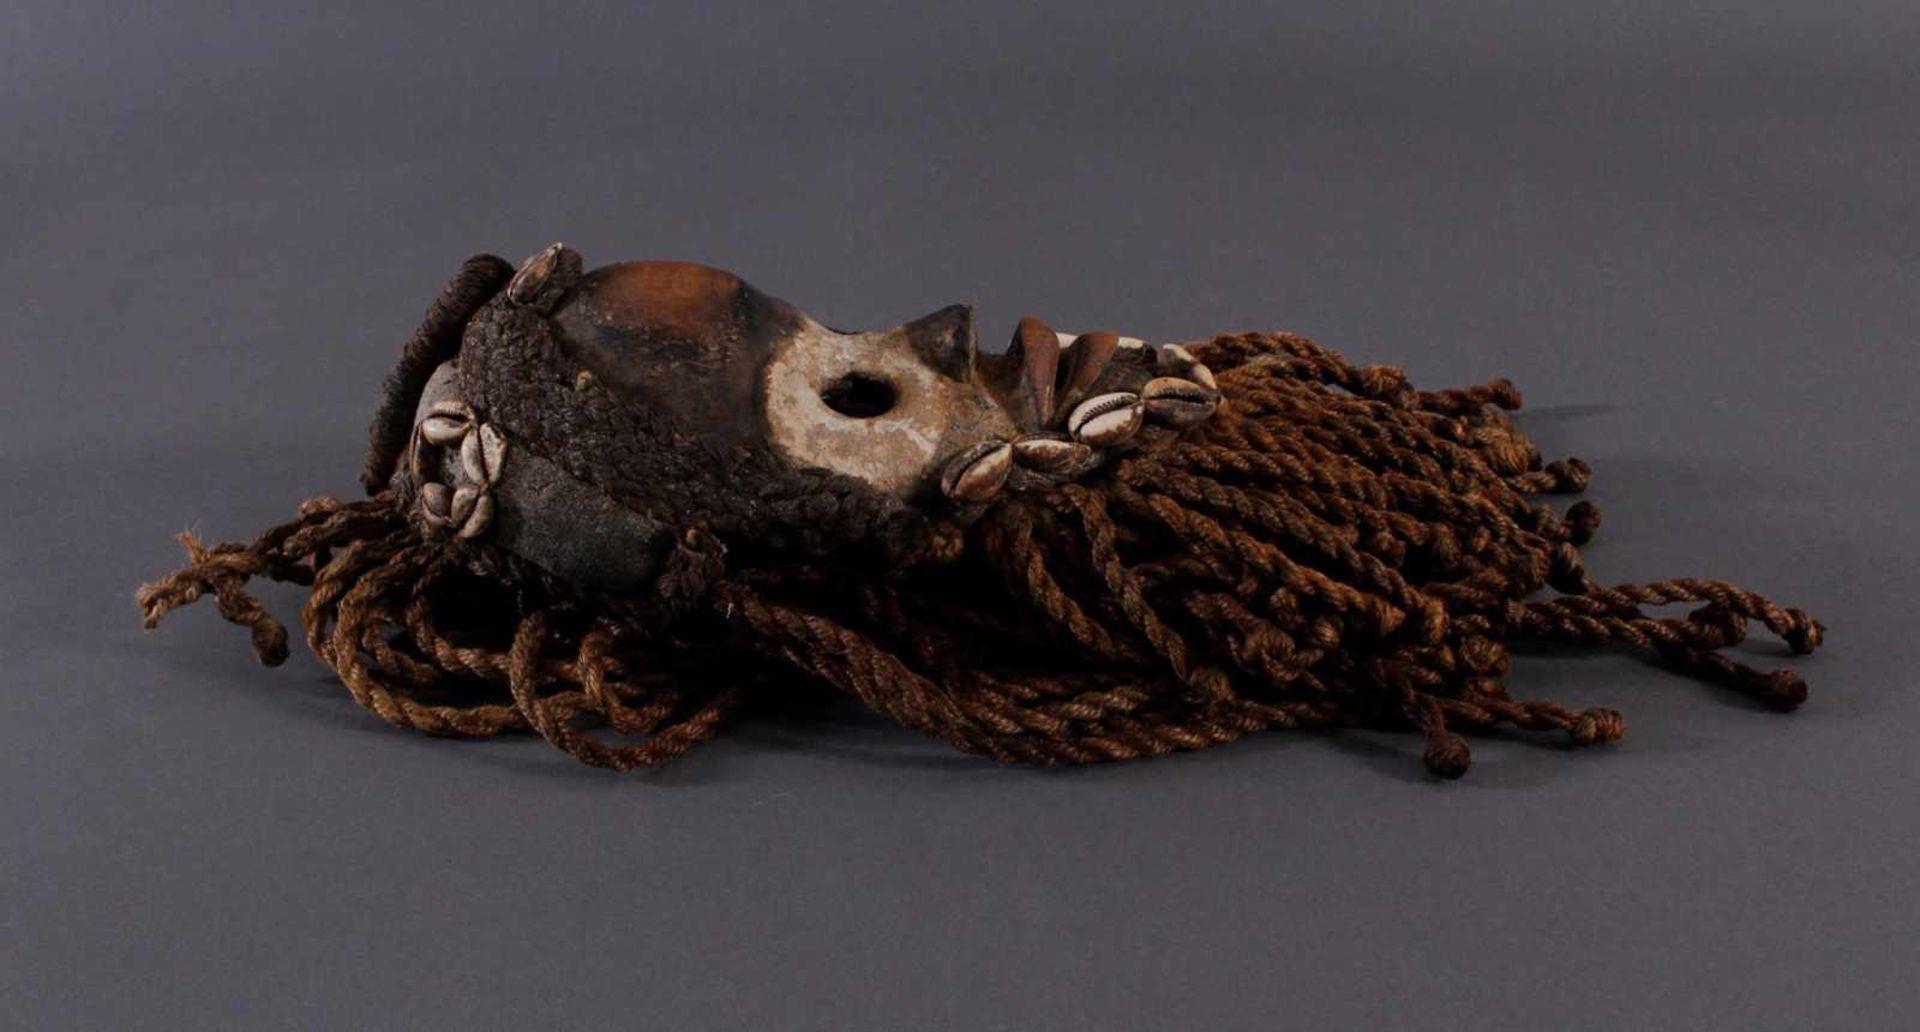 Antike Maske, Dan, Liberia 1. Hälfte 20. Jh.Holz geschnitzt, bemalt, geflochtene Frisur und Bart mit - Bild 3 aus 4